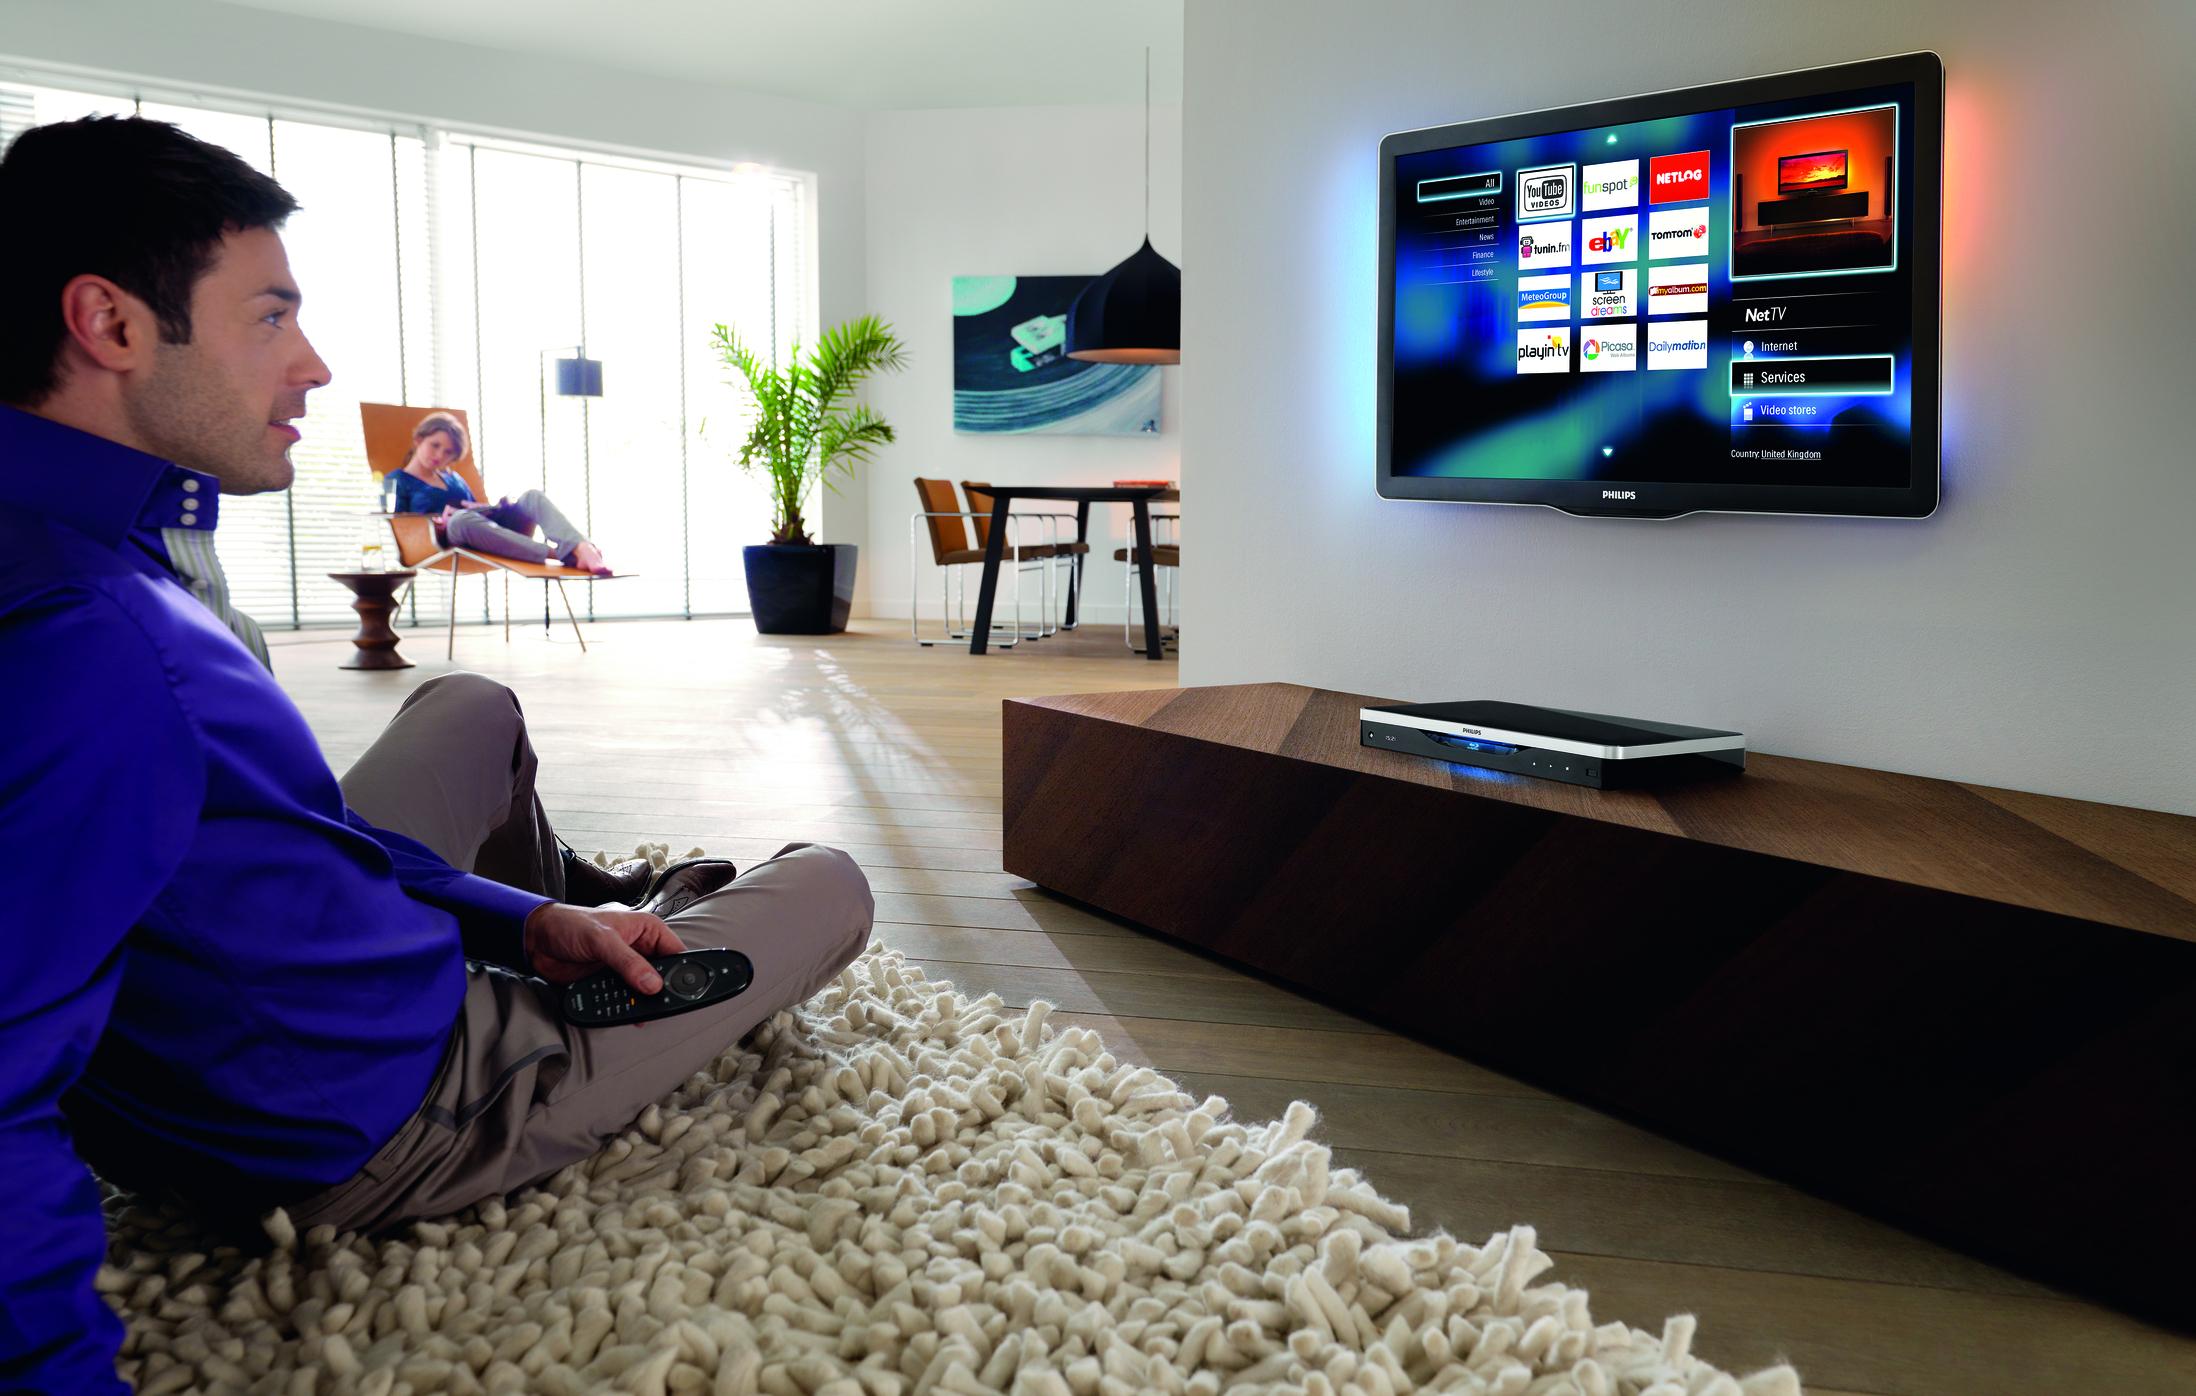 Телевизор и мастурбация 13 фотография